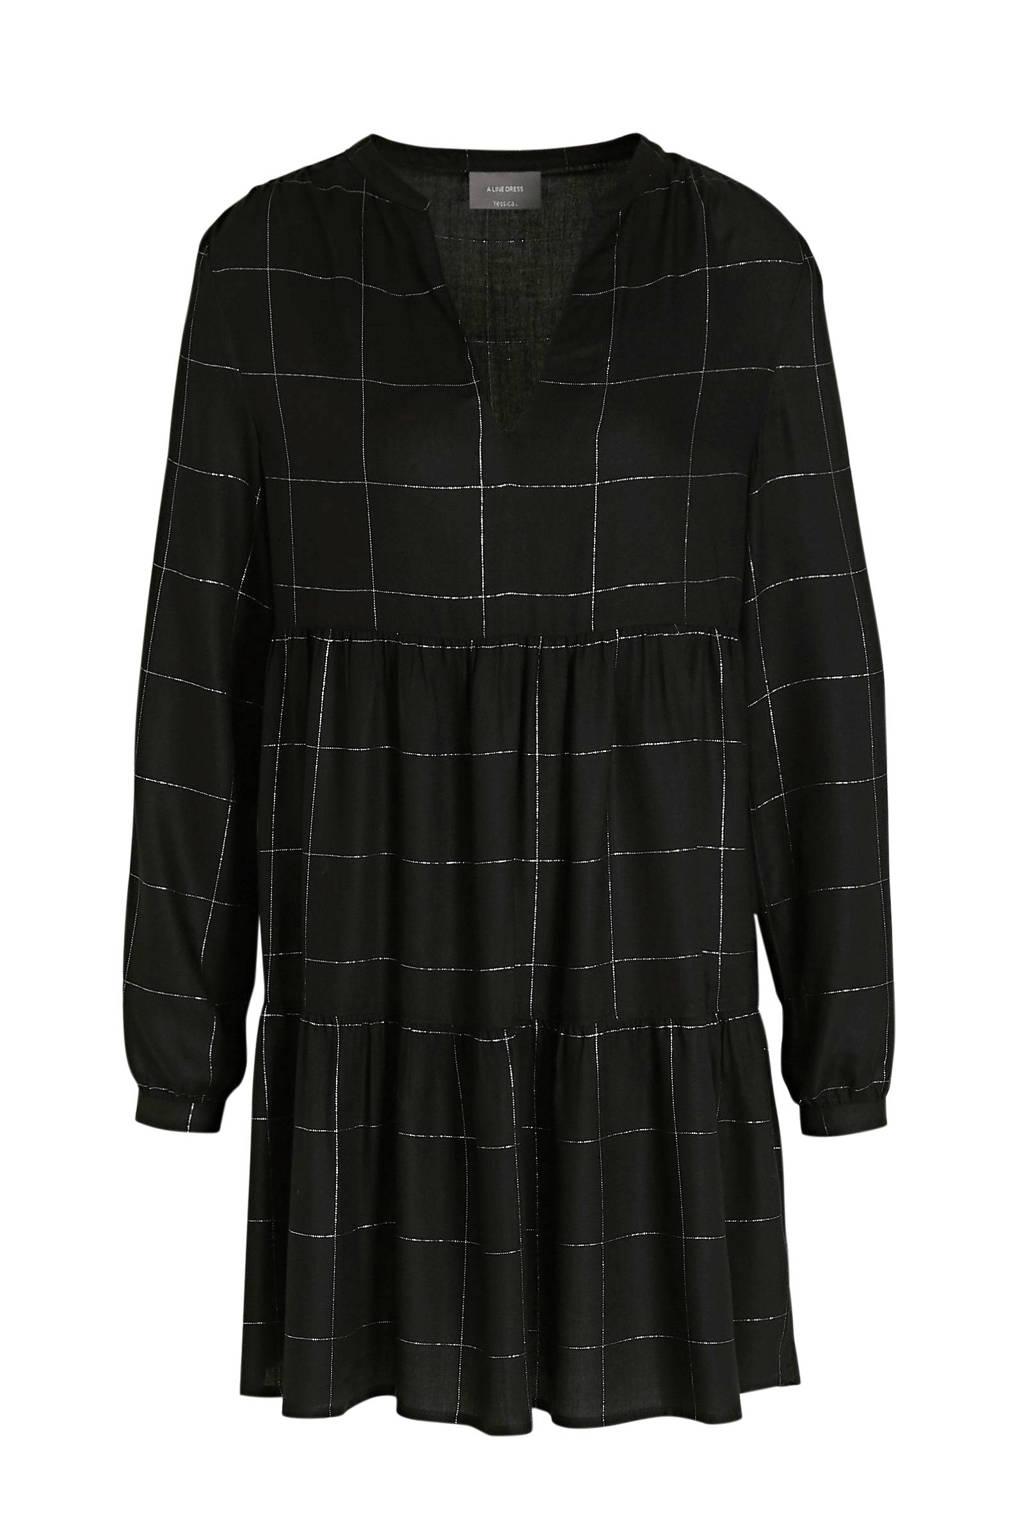 C&A Yessica geruite jurk zwart, Zwart